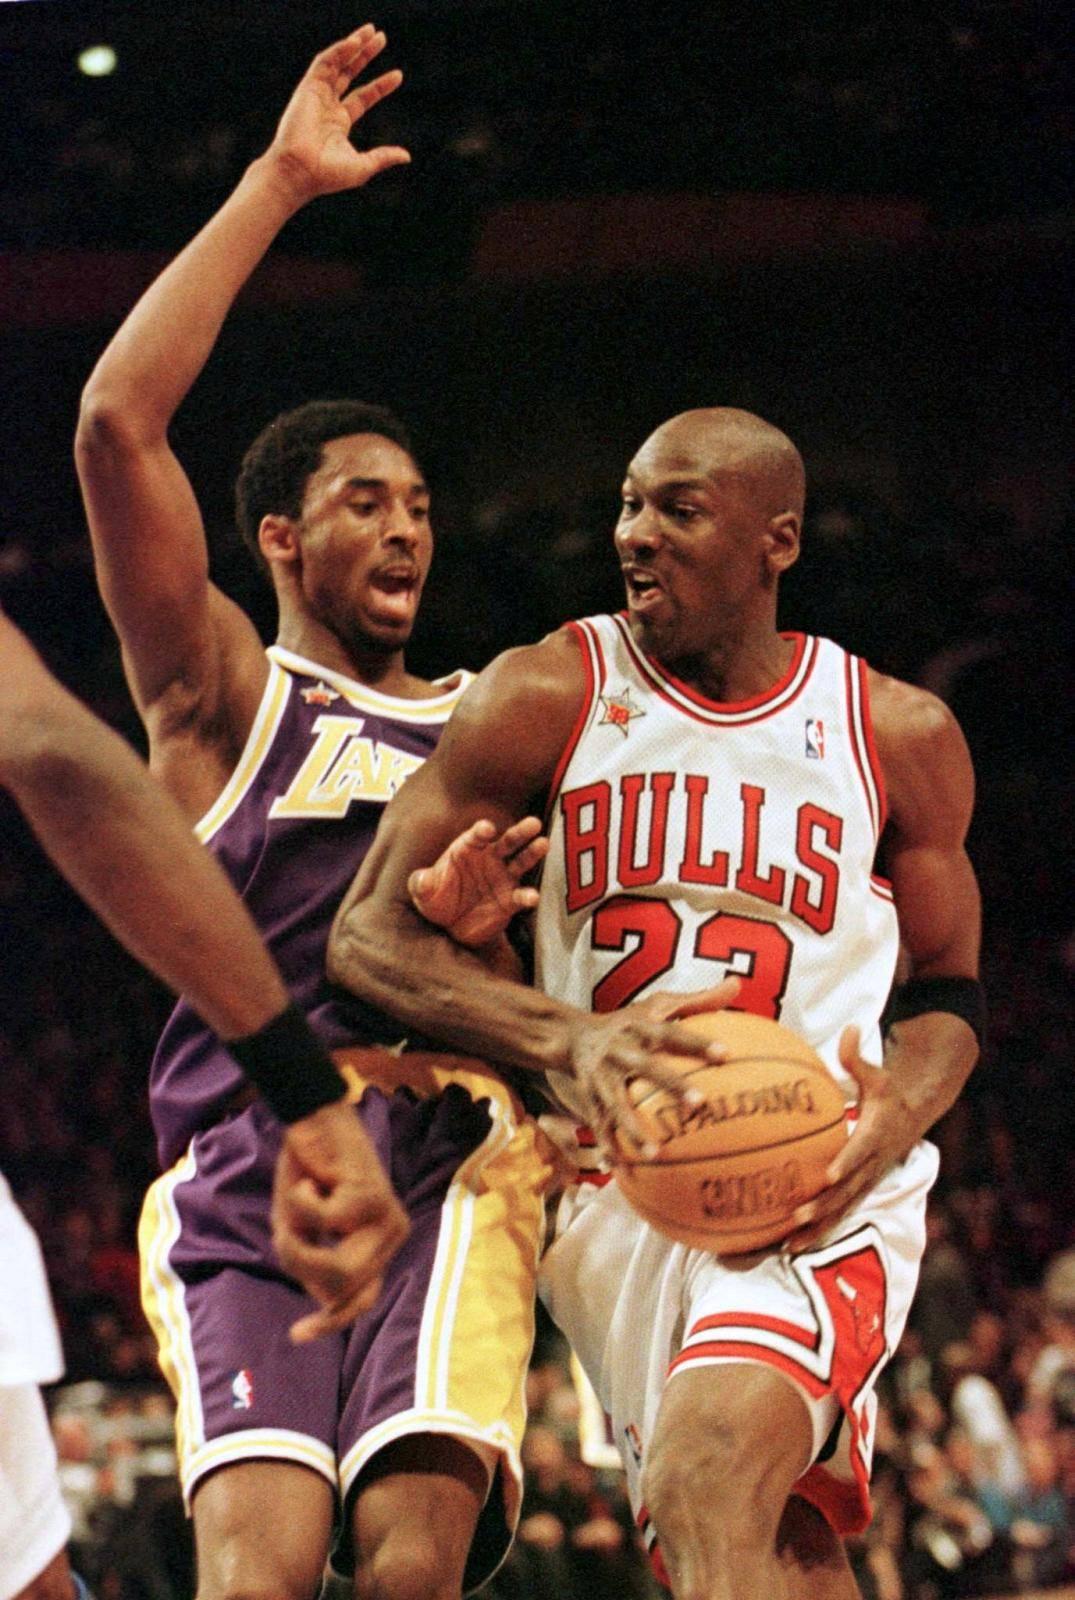 FILE PHOTO: Bulls Jordan And Lakers Bryant in NBA All Star Game in New York